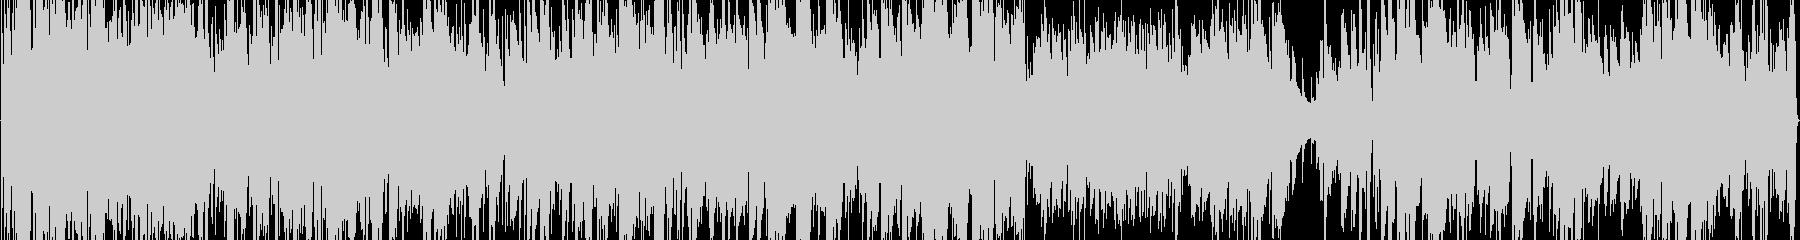 アコギ1本で壮大な海をイメージした曲の未再生の波形